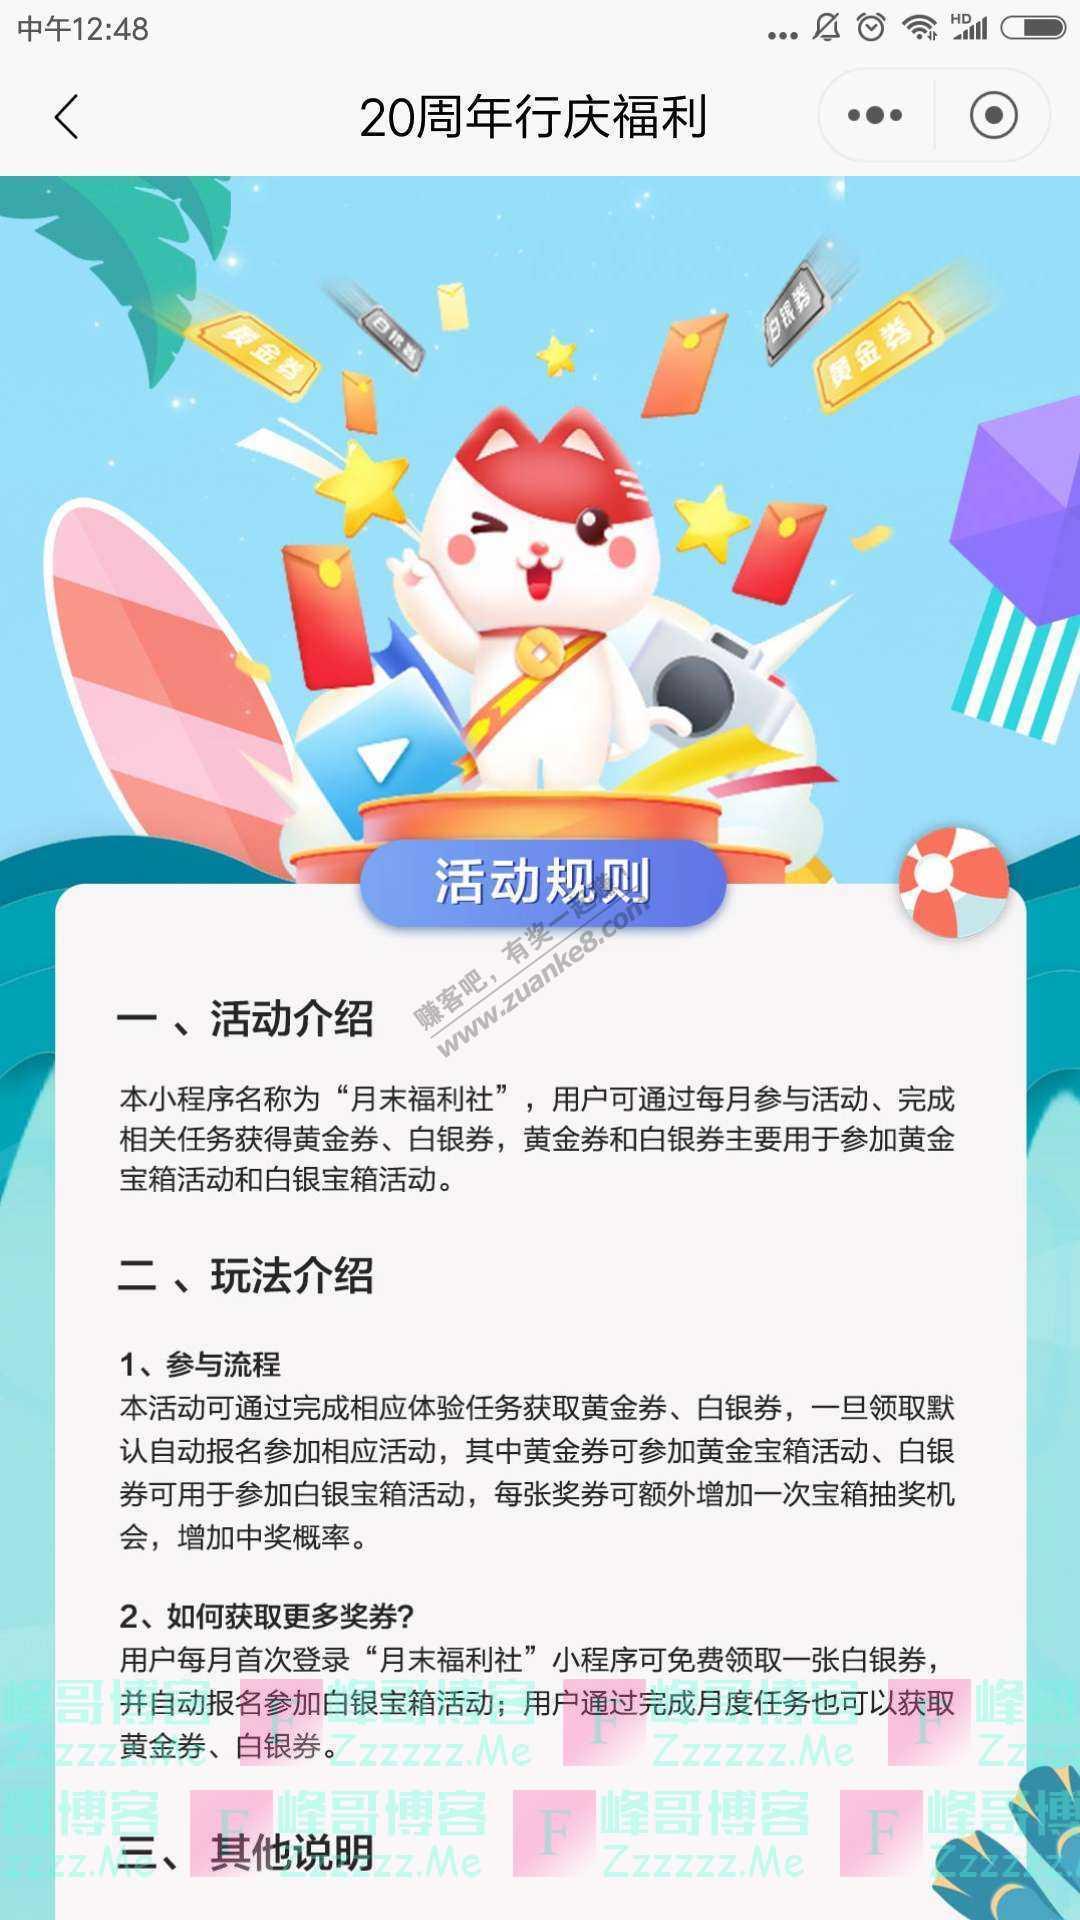 招商银行app20周年行庆福利(截止不详)